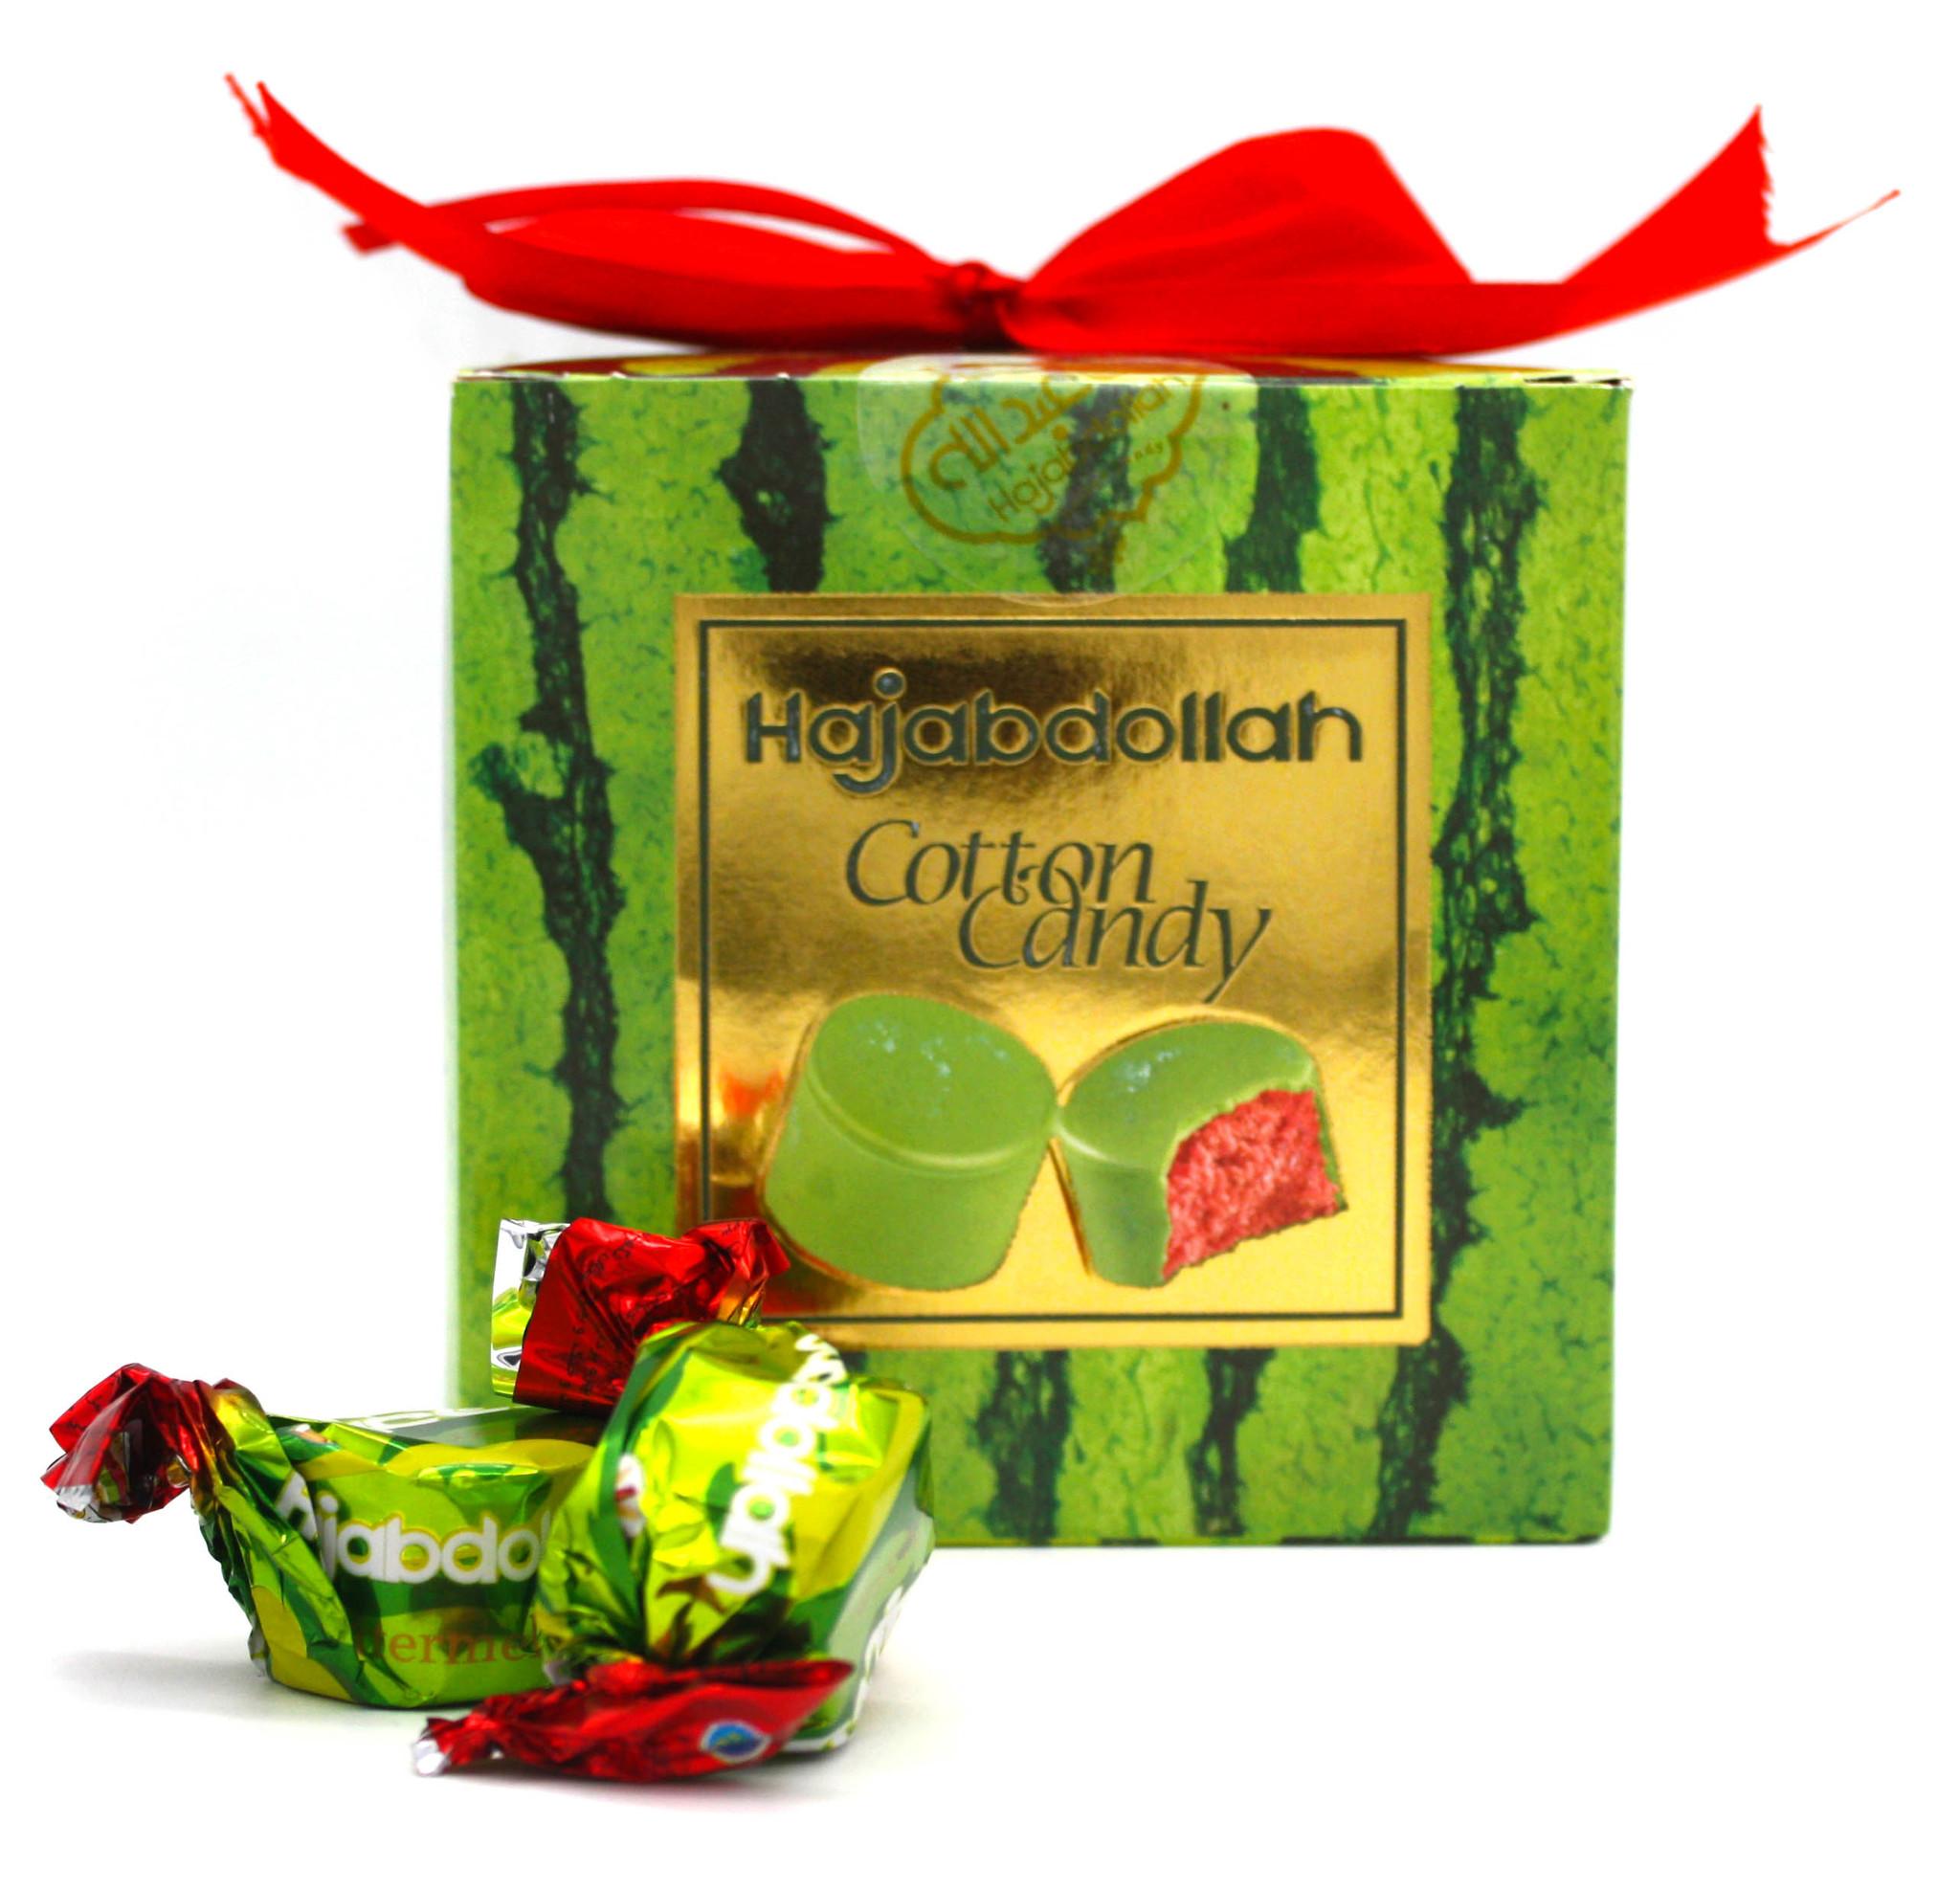 Пишмание Пишмание со вкусом арбуза во фруктовой глазури в подарочной упаковке, Hajabdollah, 300 г import_files_45_450876e82aaa11e9a9a6484d7ecee297_8928832f30f111e9a9a6484d7ecee297.jpg